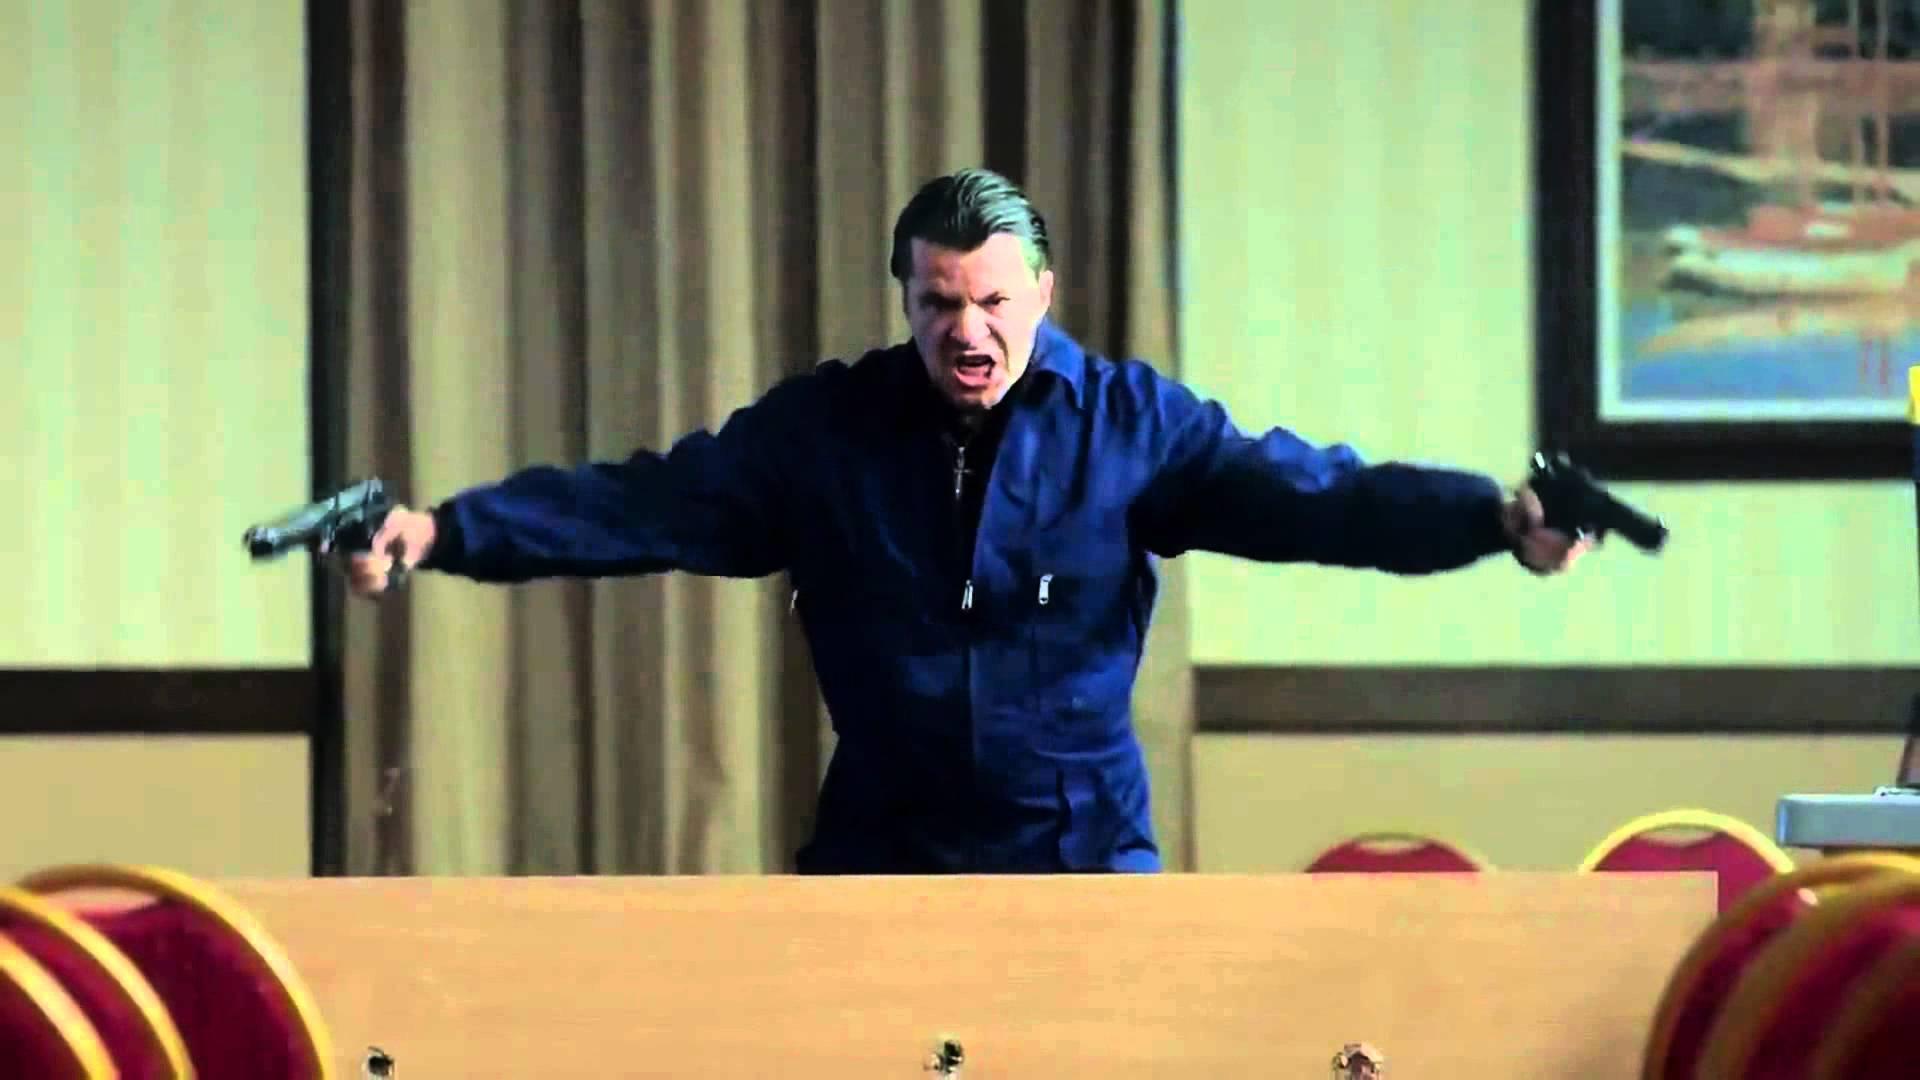 """Куката отново ИЗБУХНА! Вижте най-новия му танц в """"Под прикритие""""! (ВИДЕО)"""